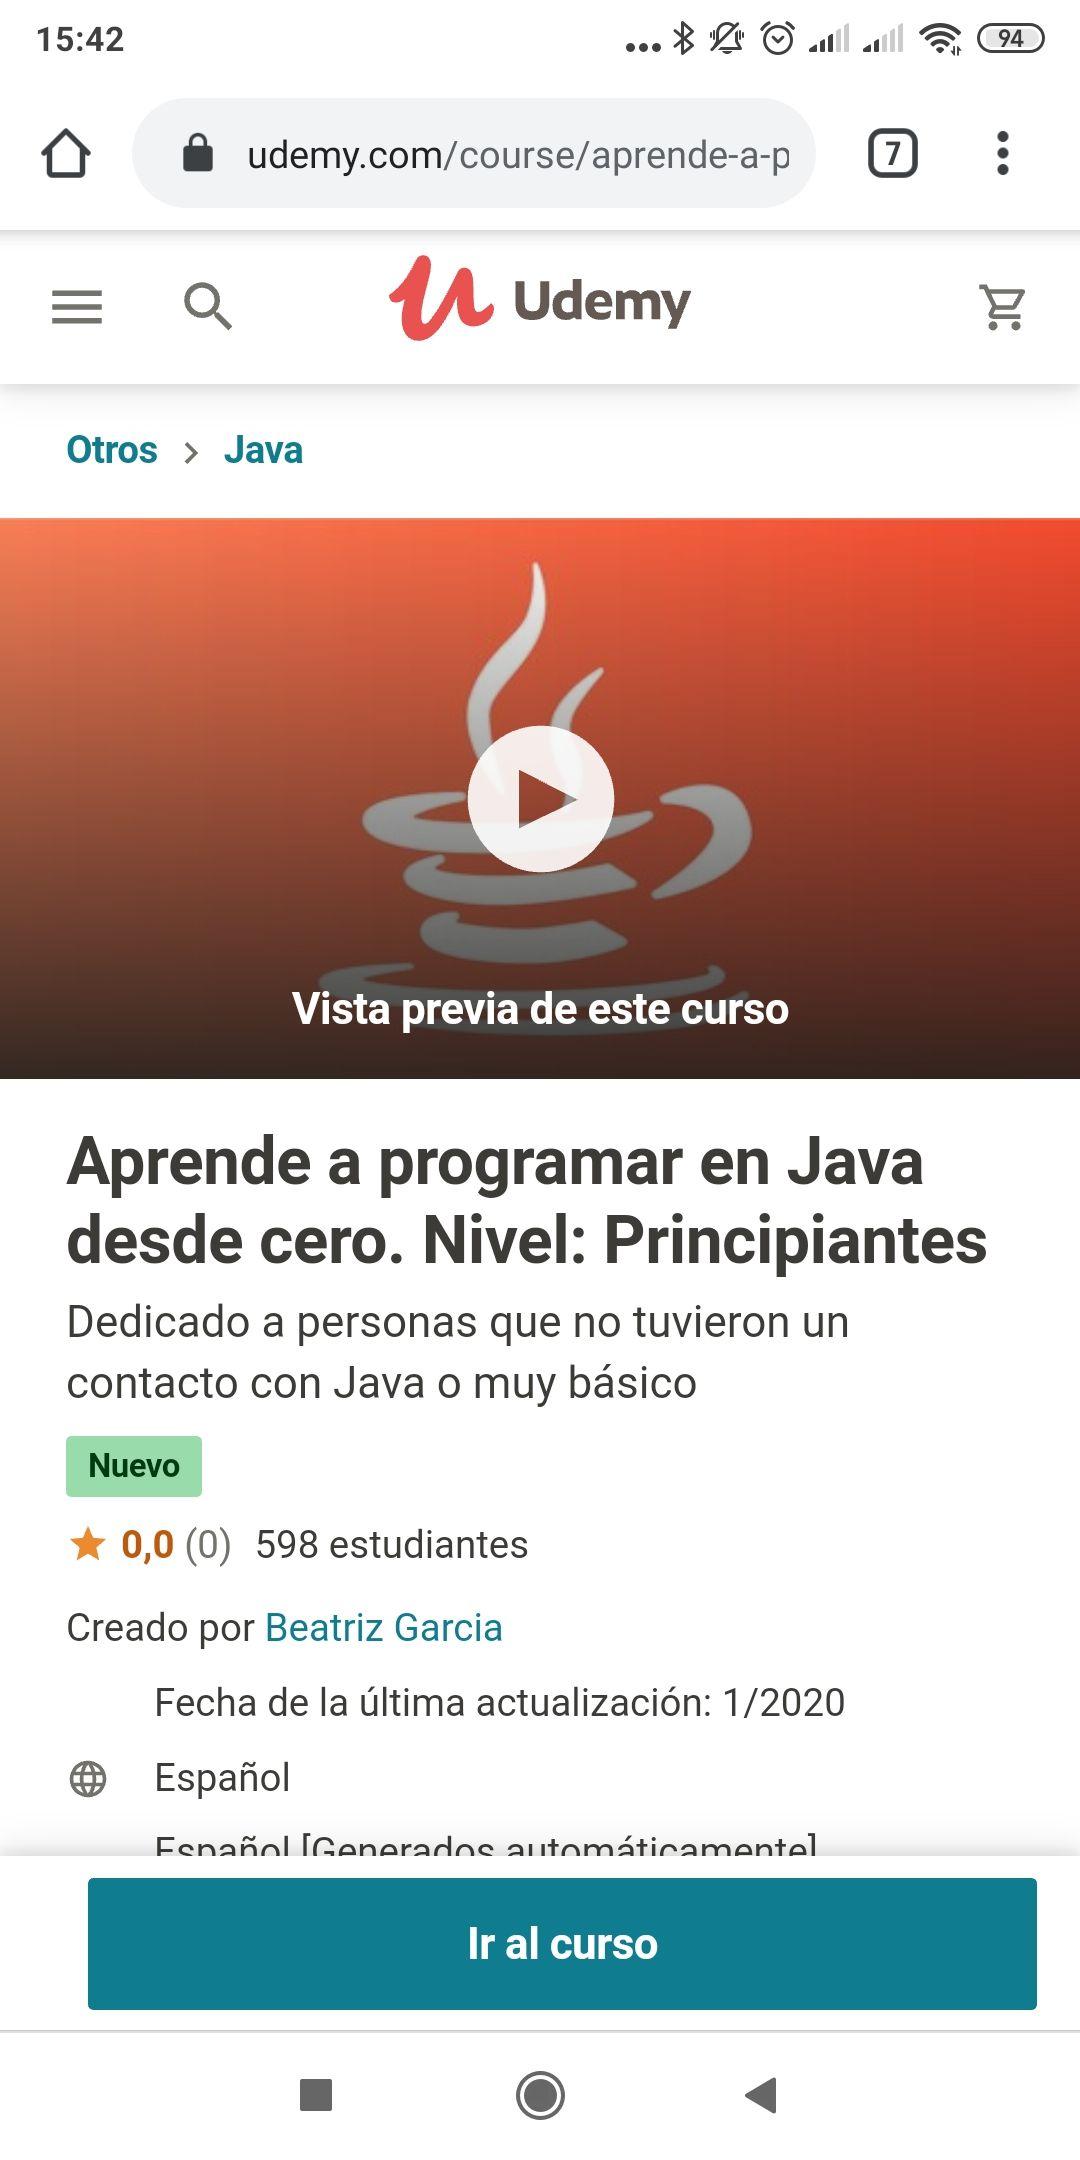 Udemy: Curso Aprende a programar en Java desde cero gratis